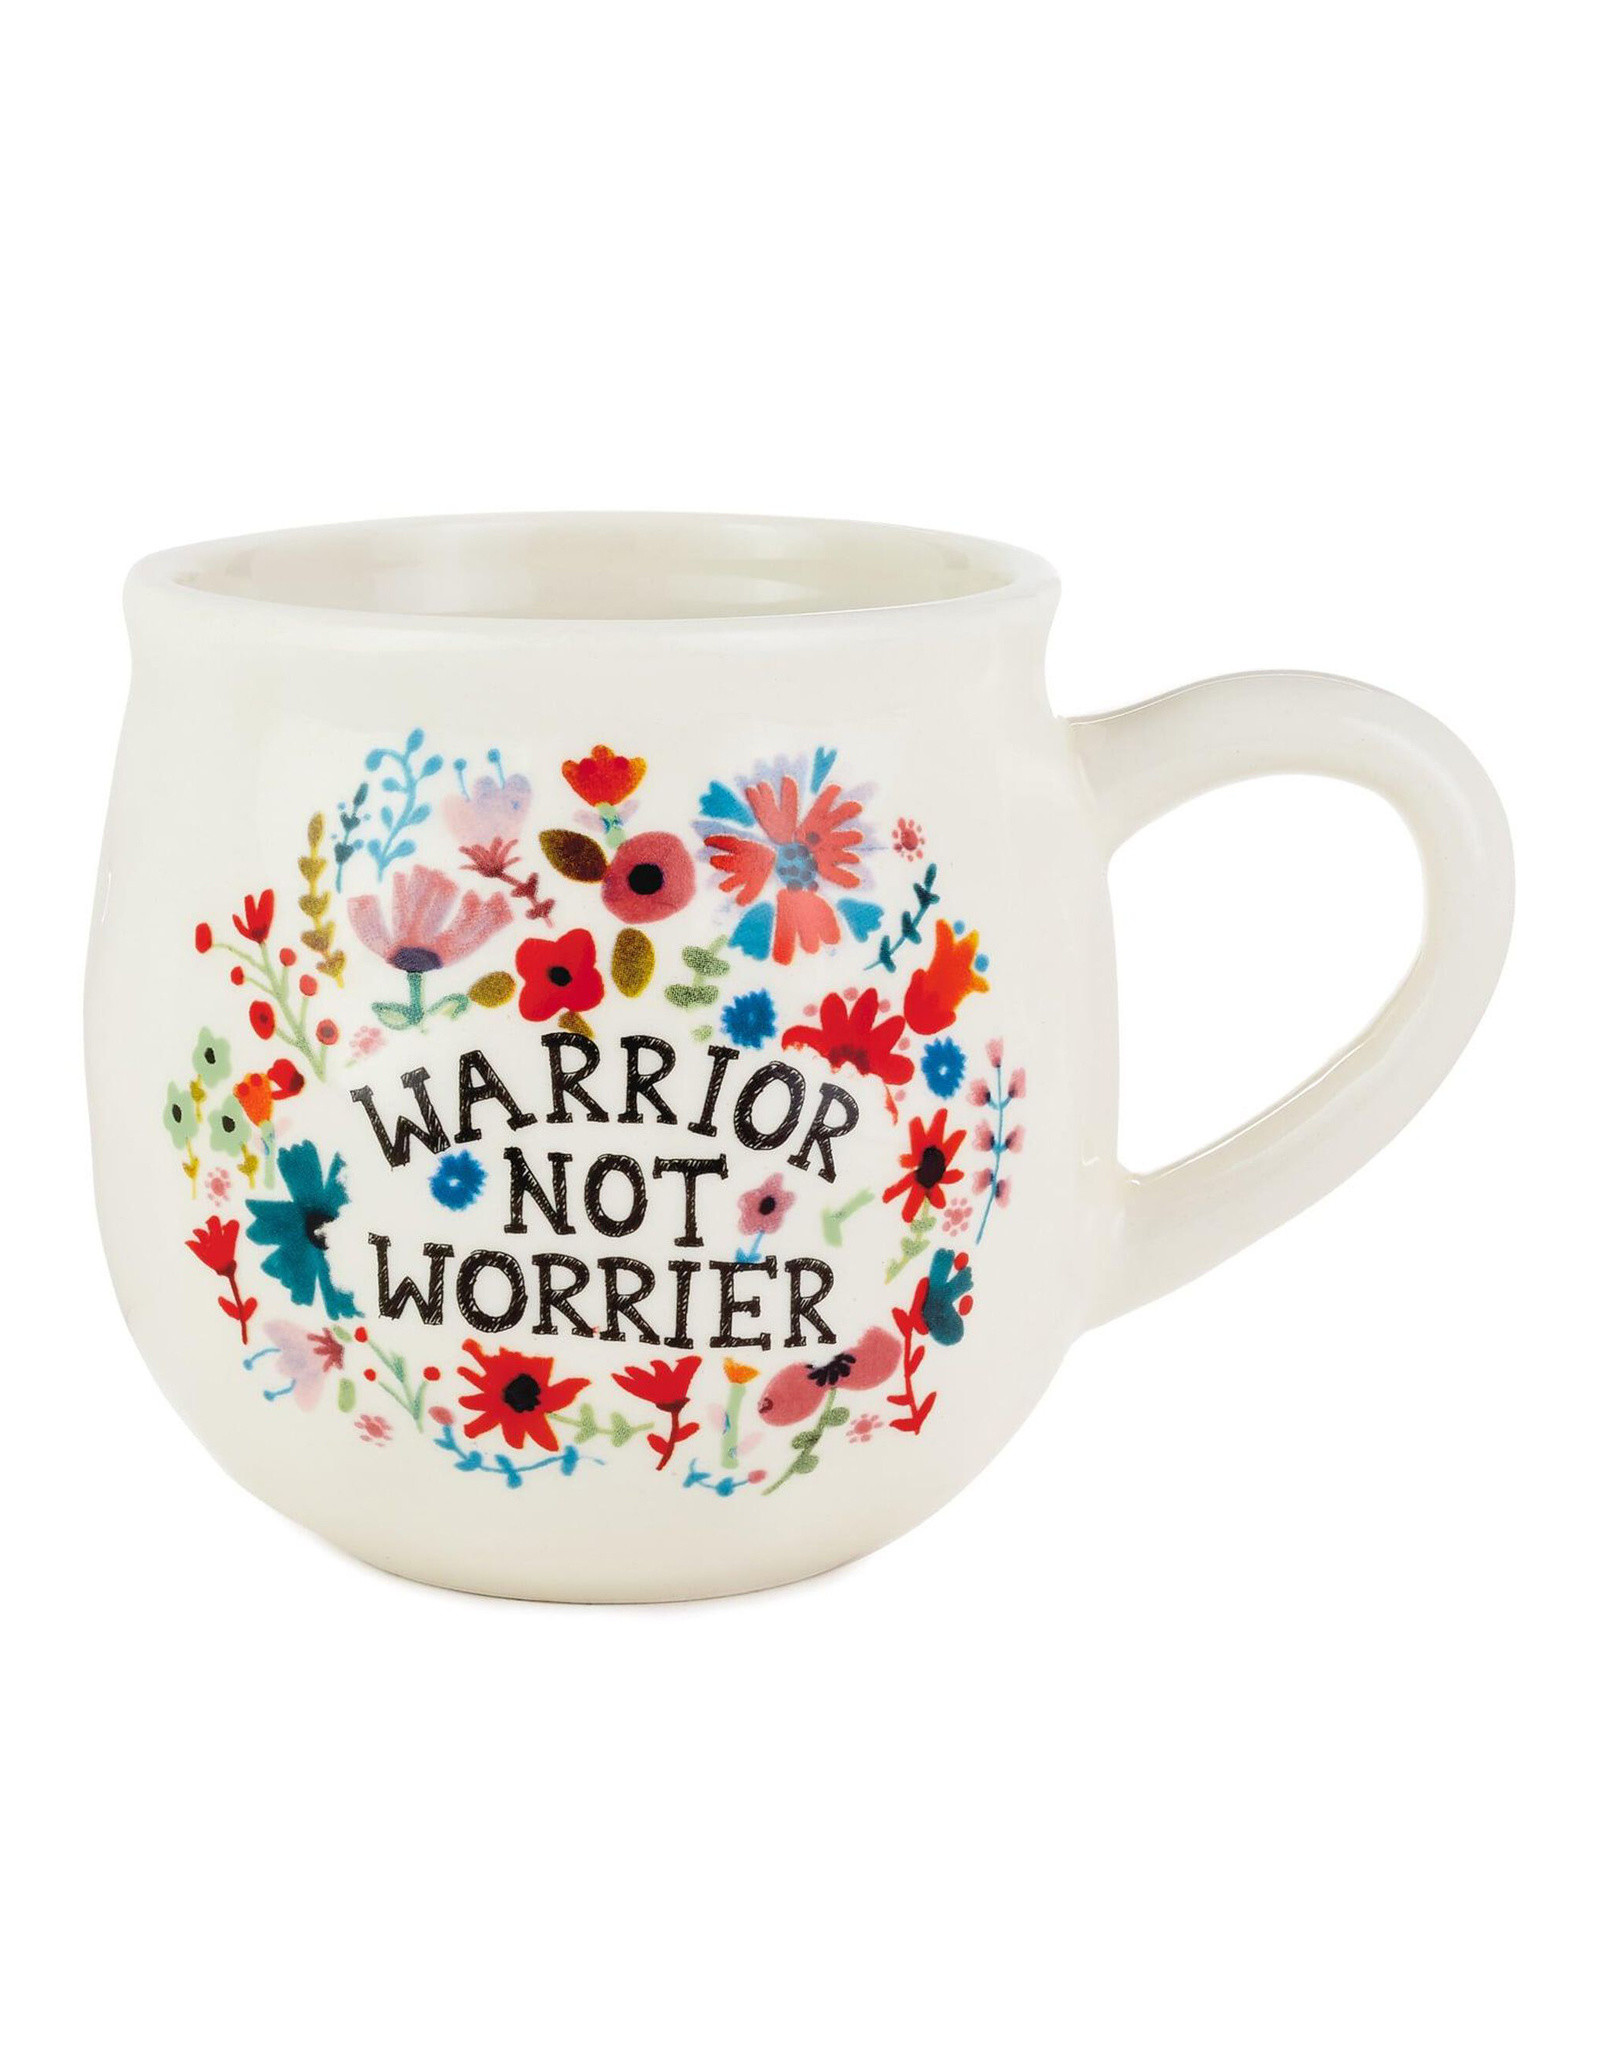 Warrior Not Worrier Mug